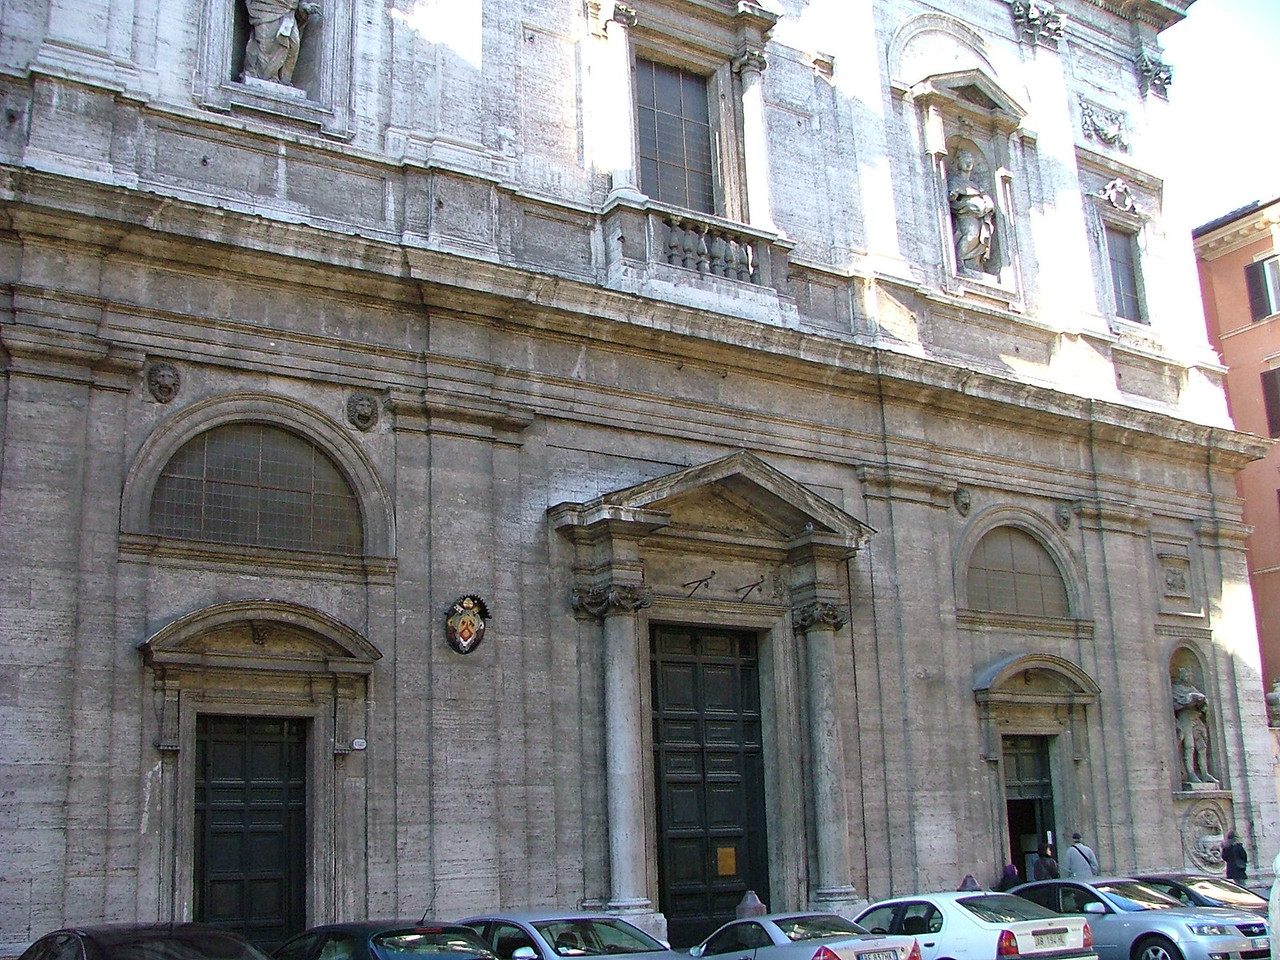 Church of San Luigi dei Francesi